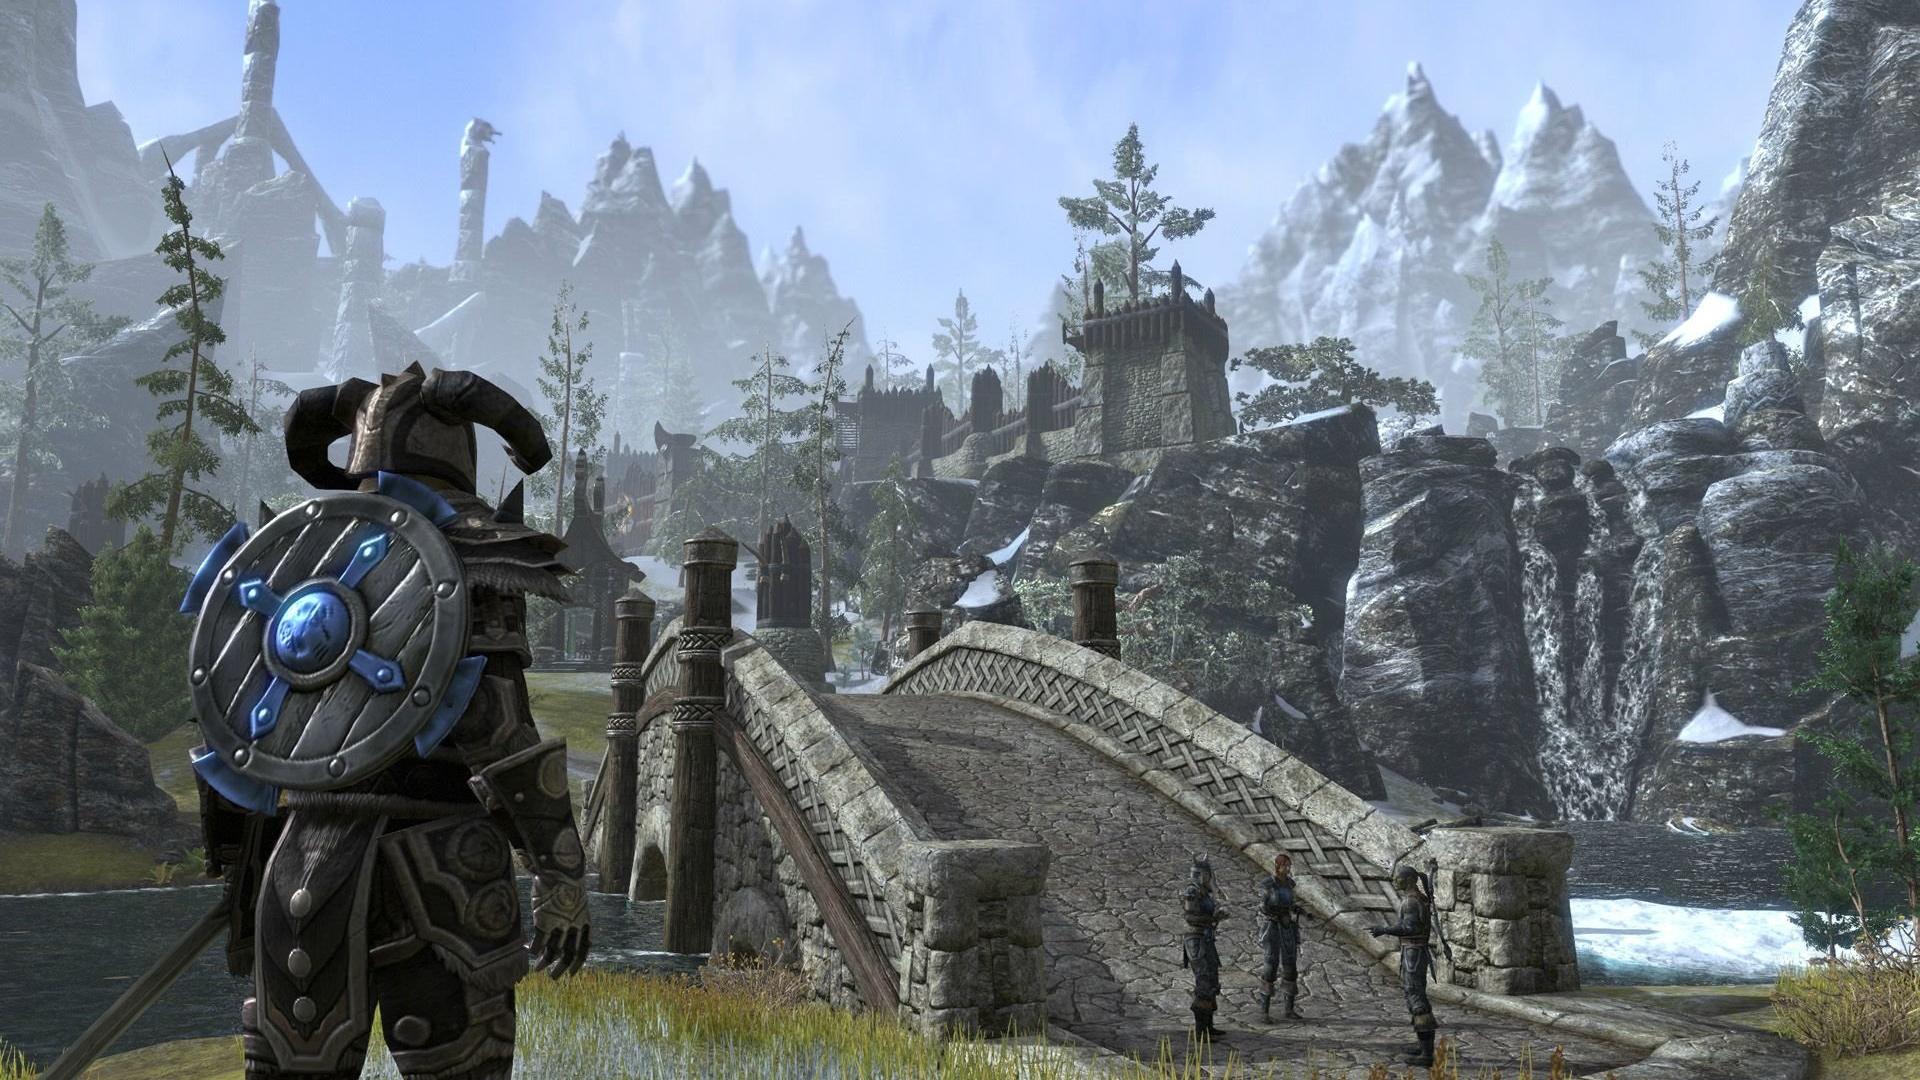 Free Download The Elder Scrolls Online Computer Wallpapers Desktop